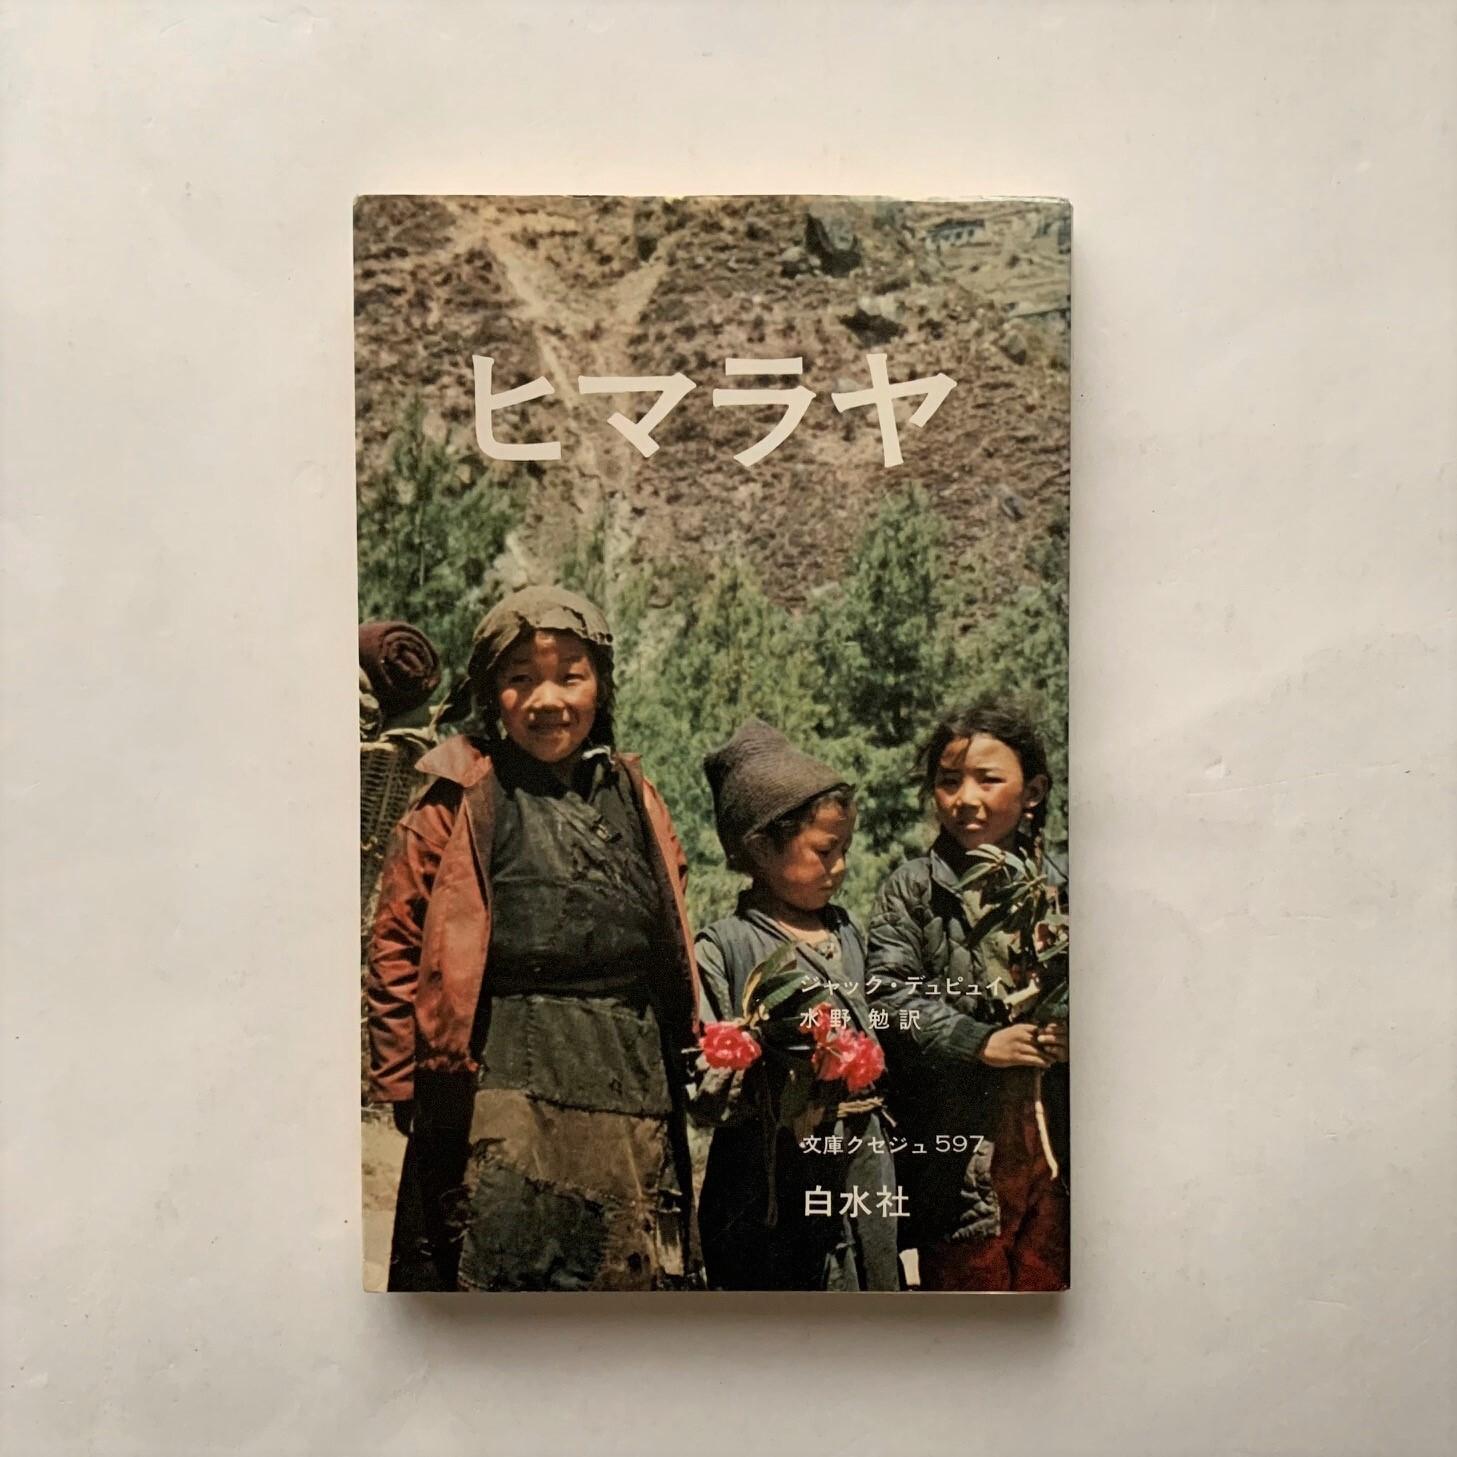 ヒマラヤ / 文庫クセジュ597 / ジャック・ディピュイ